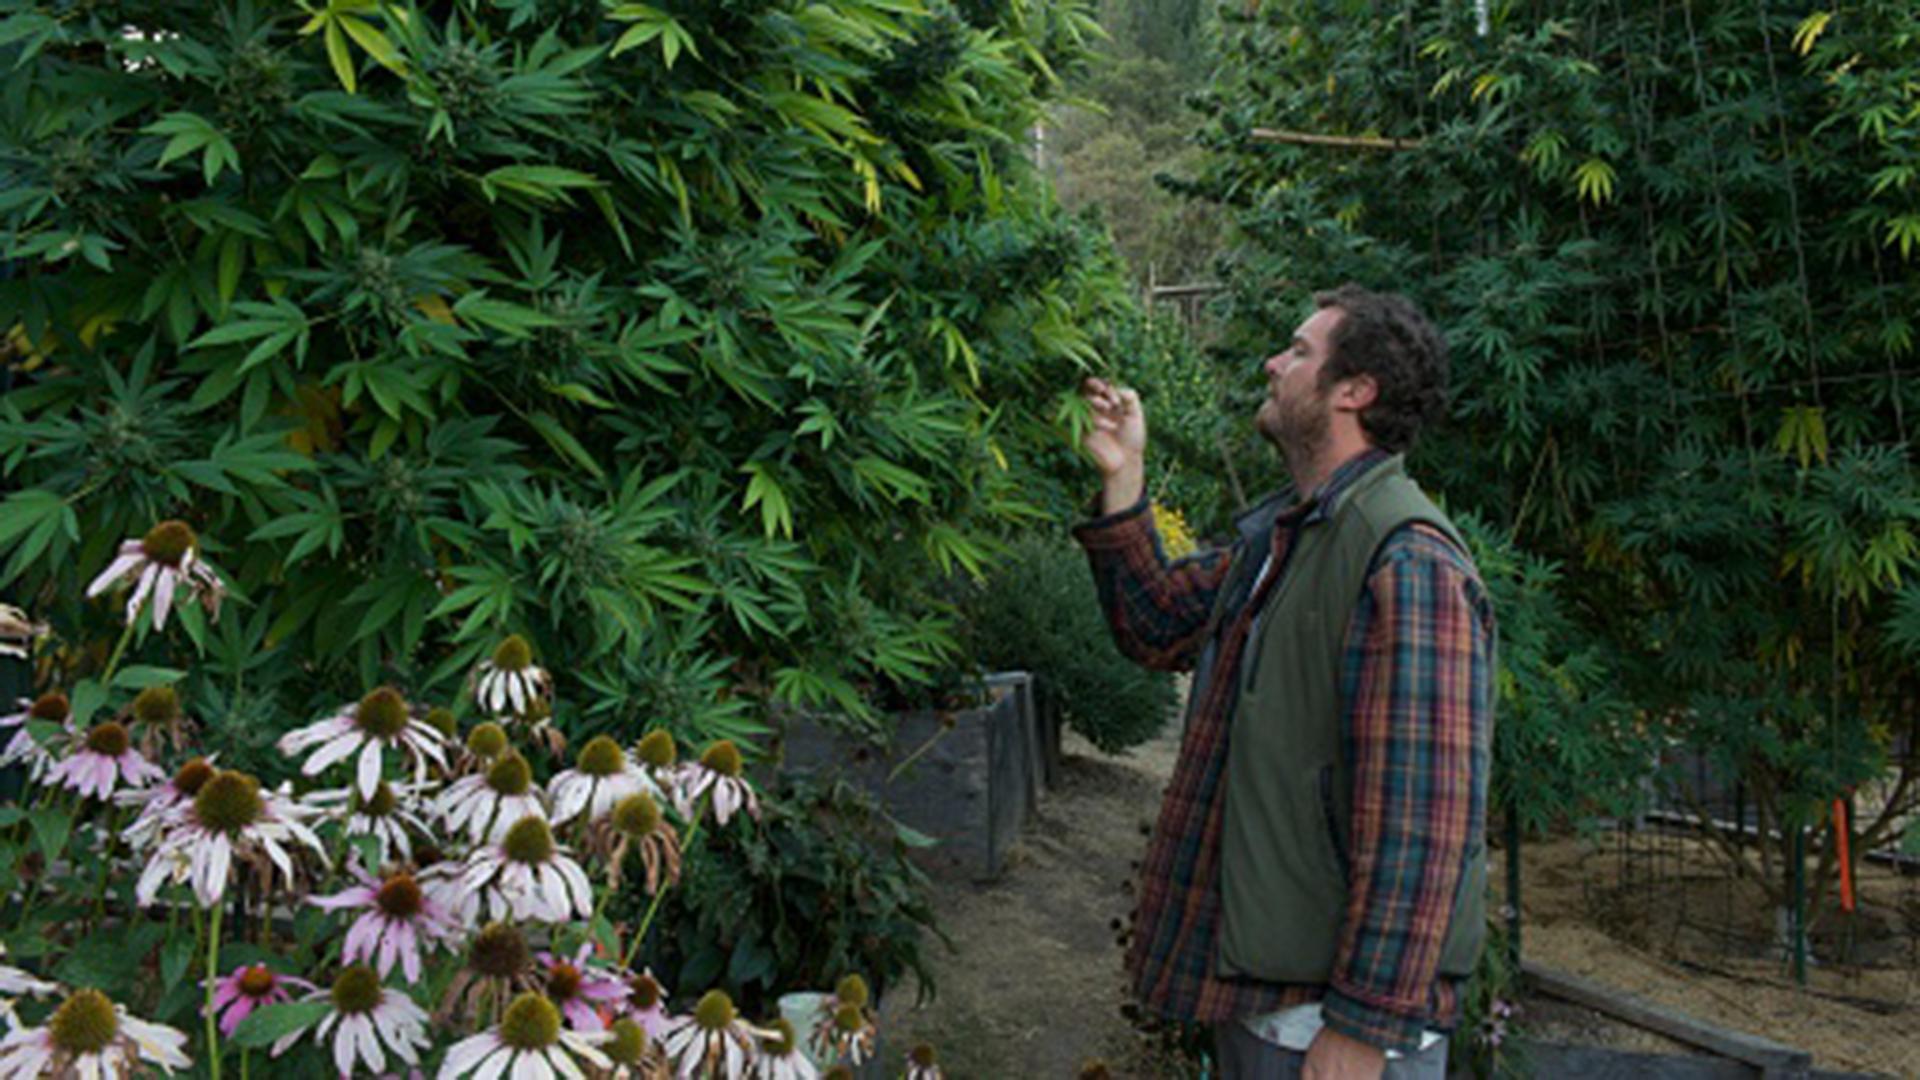 El cultivo personal en Canadá esta permitido (Getty Images)